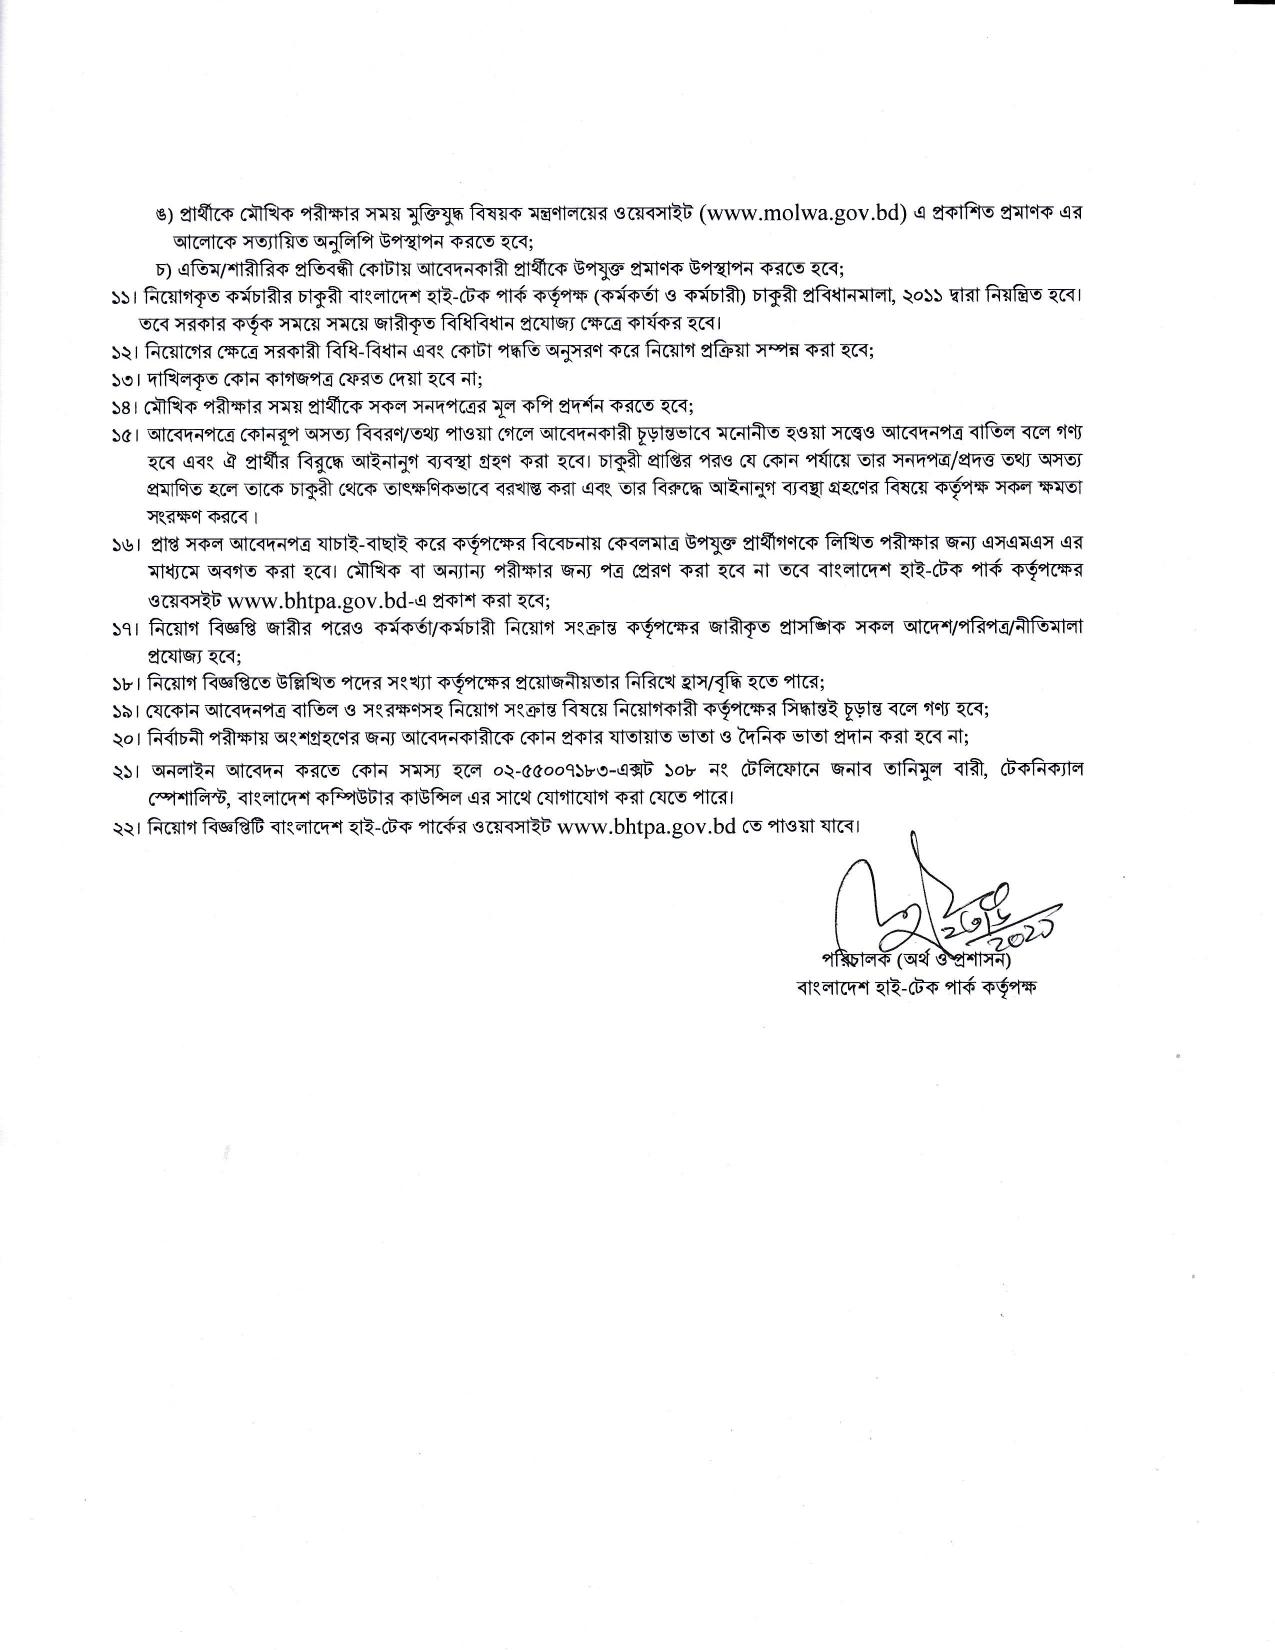 বাংলাদেশ হাই-টেক পার্ক কর্তৃপক্ষ নিয়ােগ বিজ্ঞপ্তি